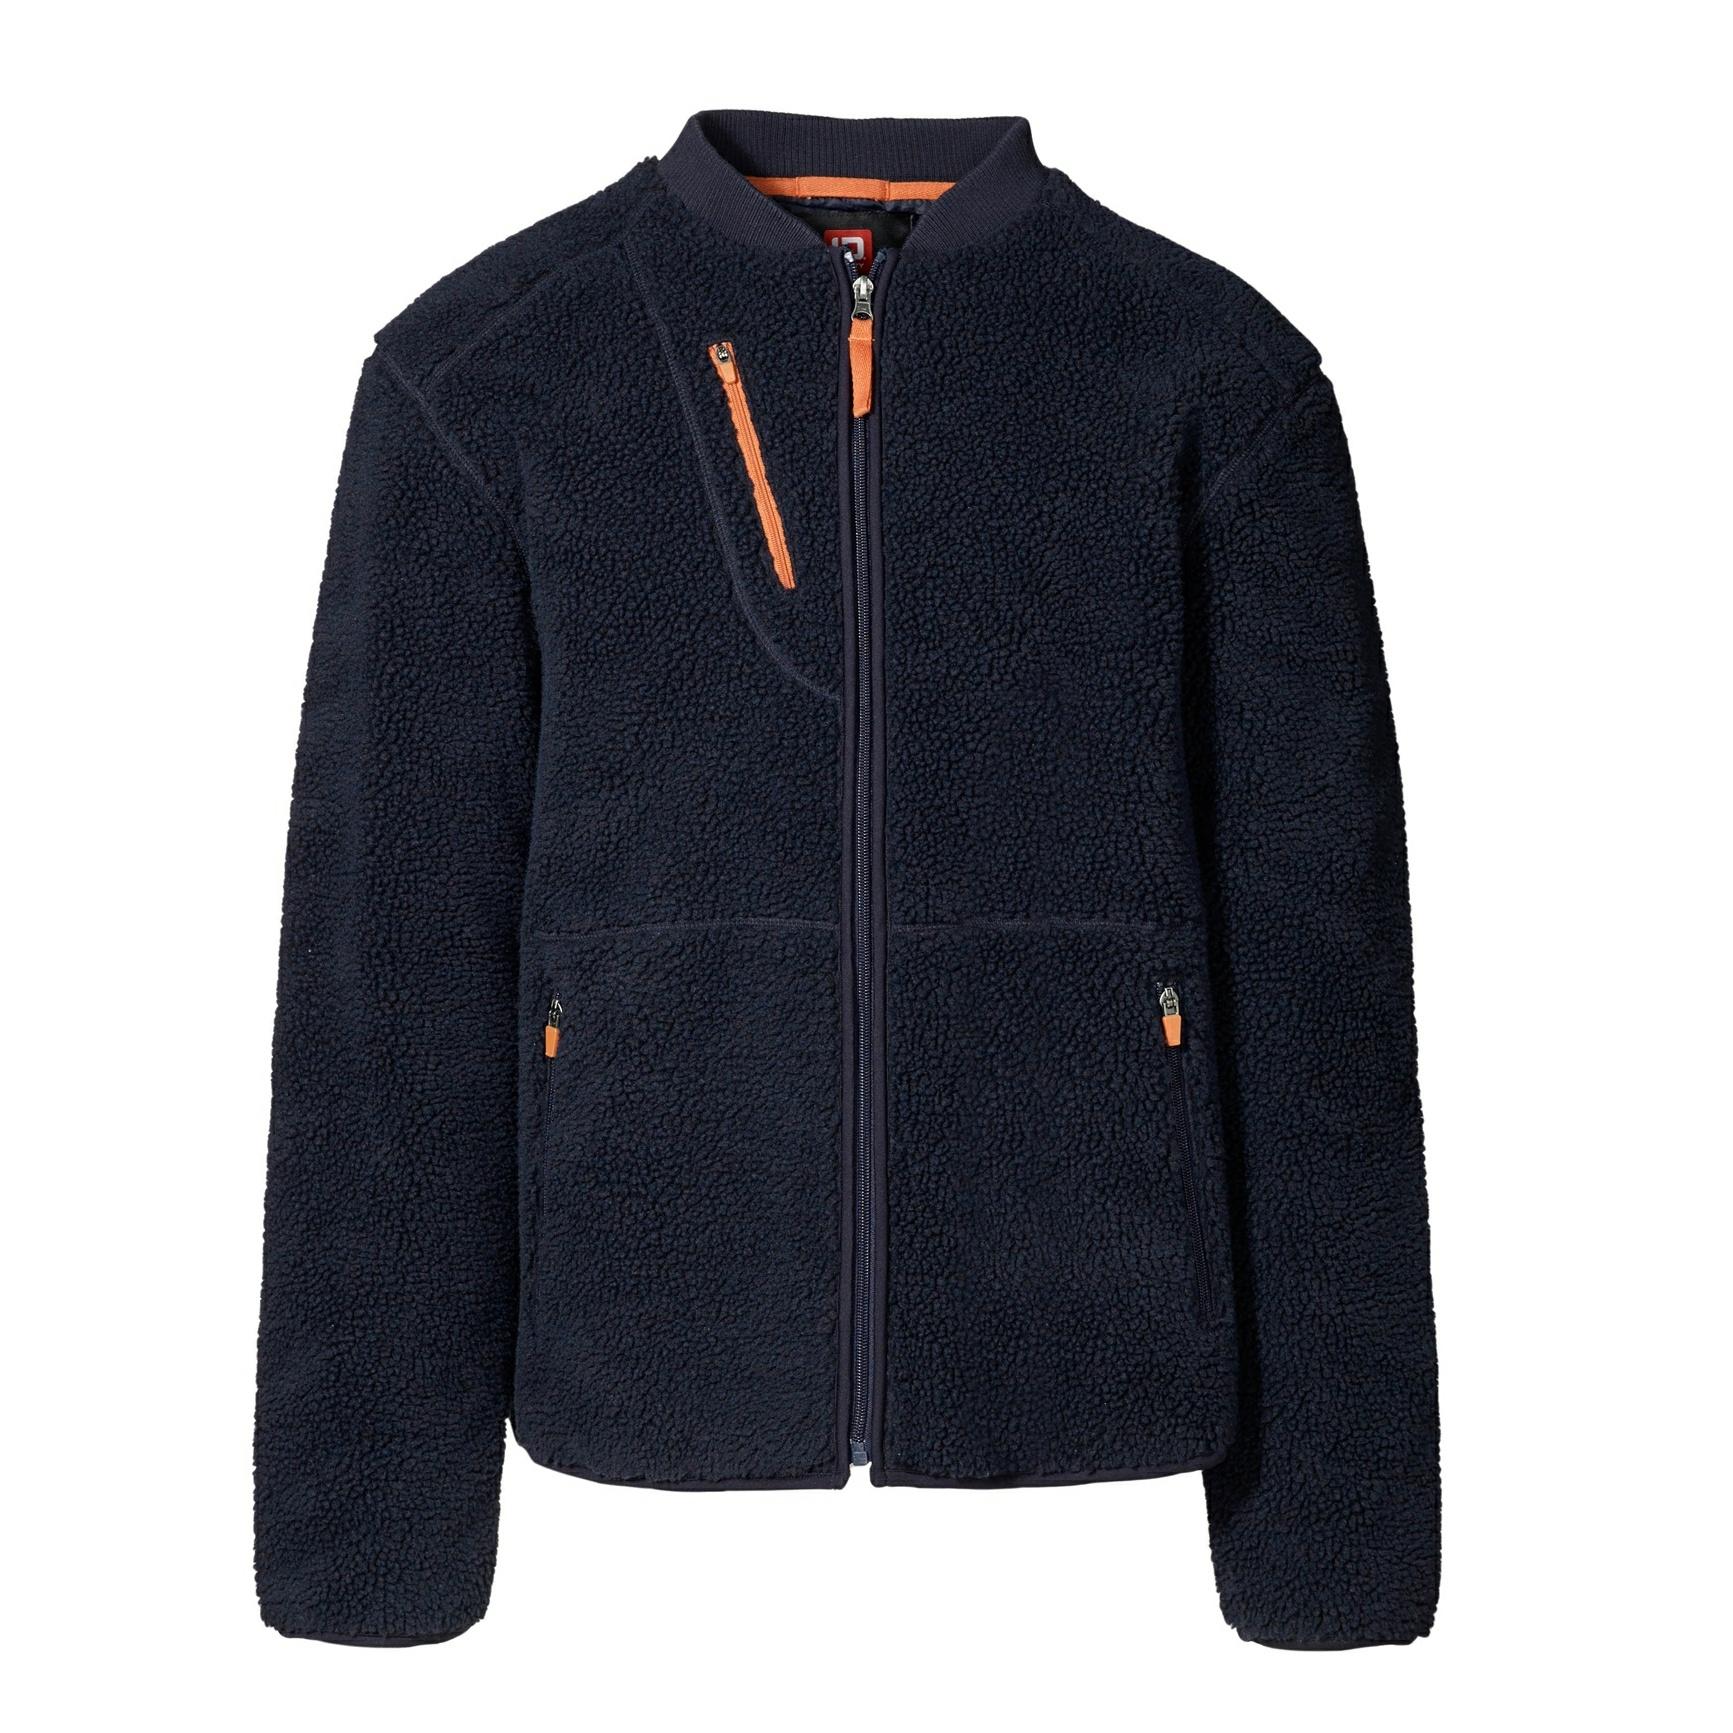 ID Mens Full Zip Fleece Jacket